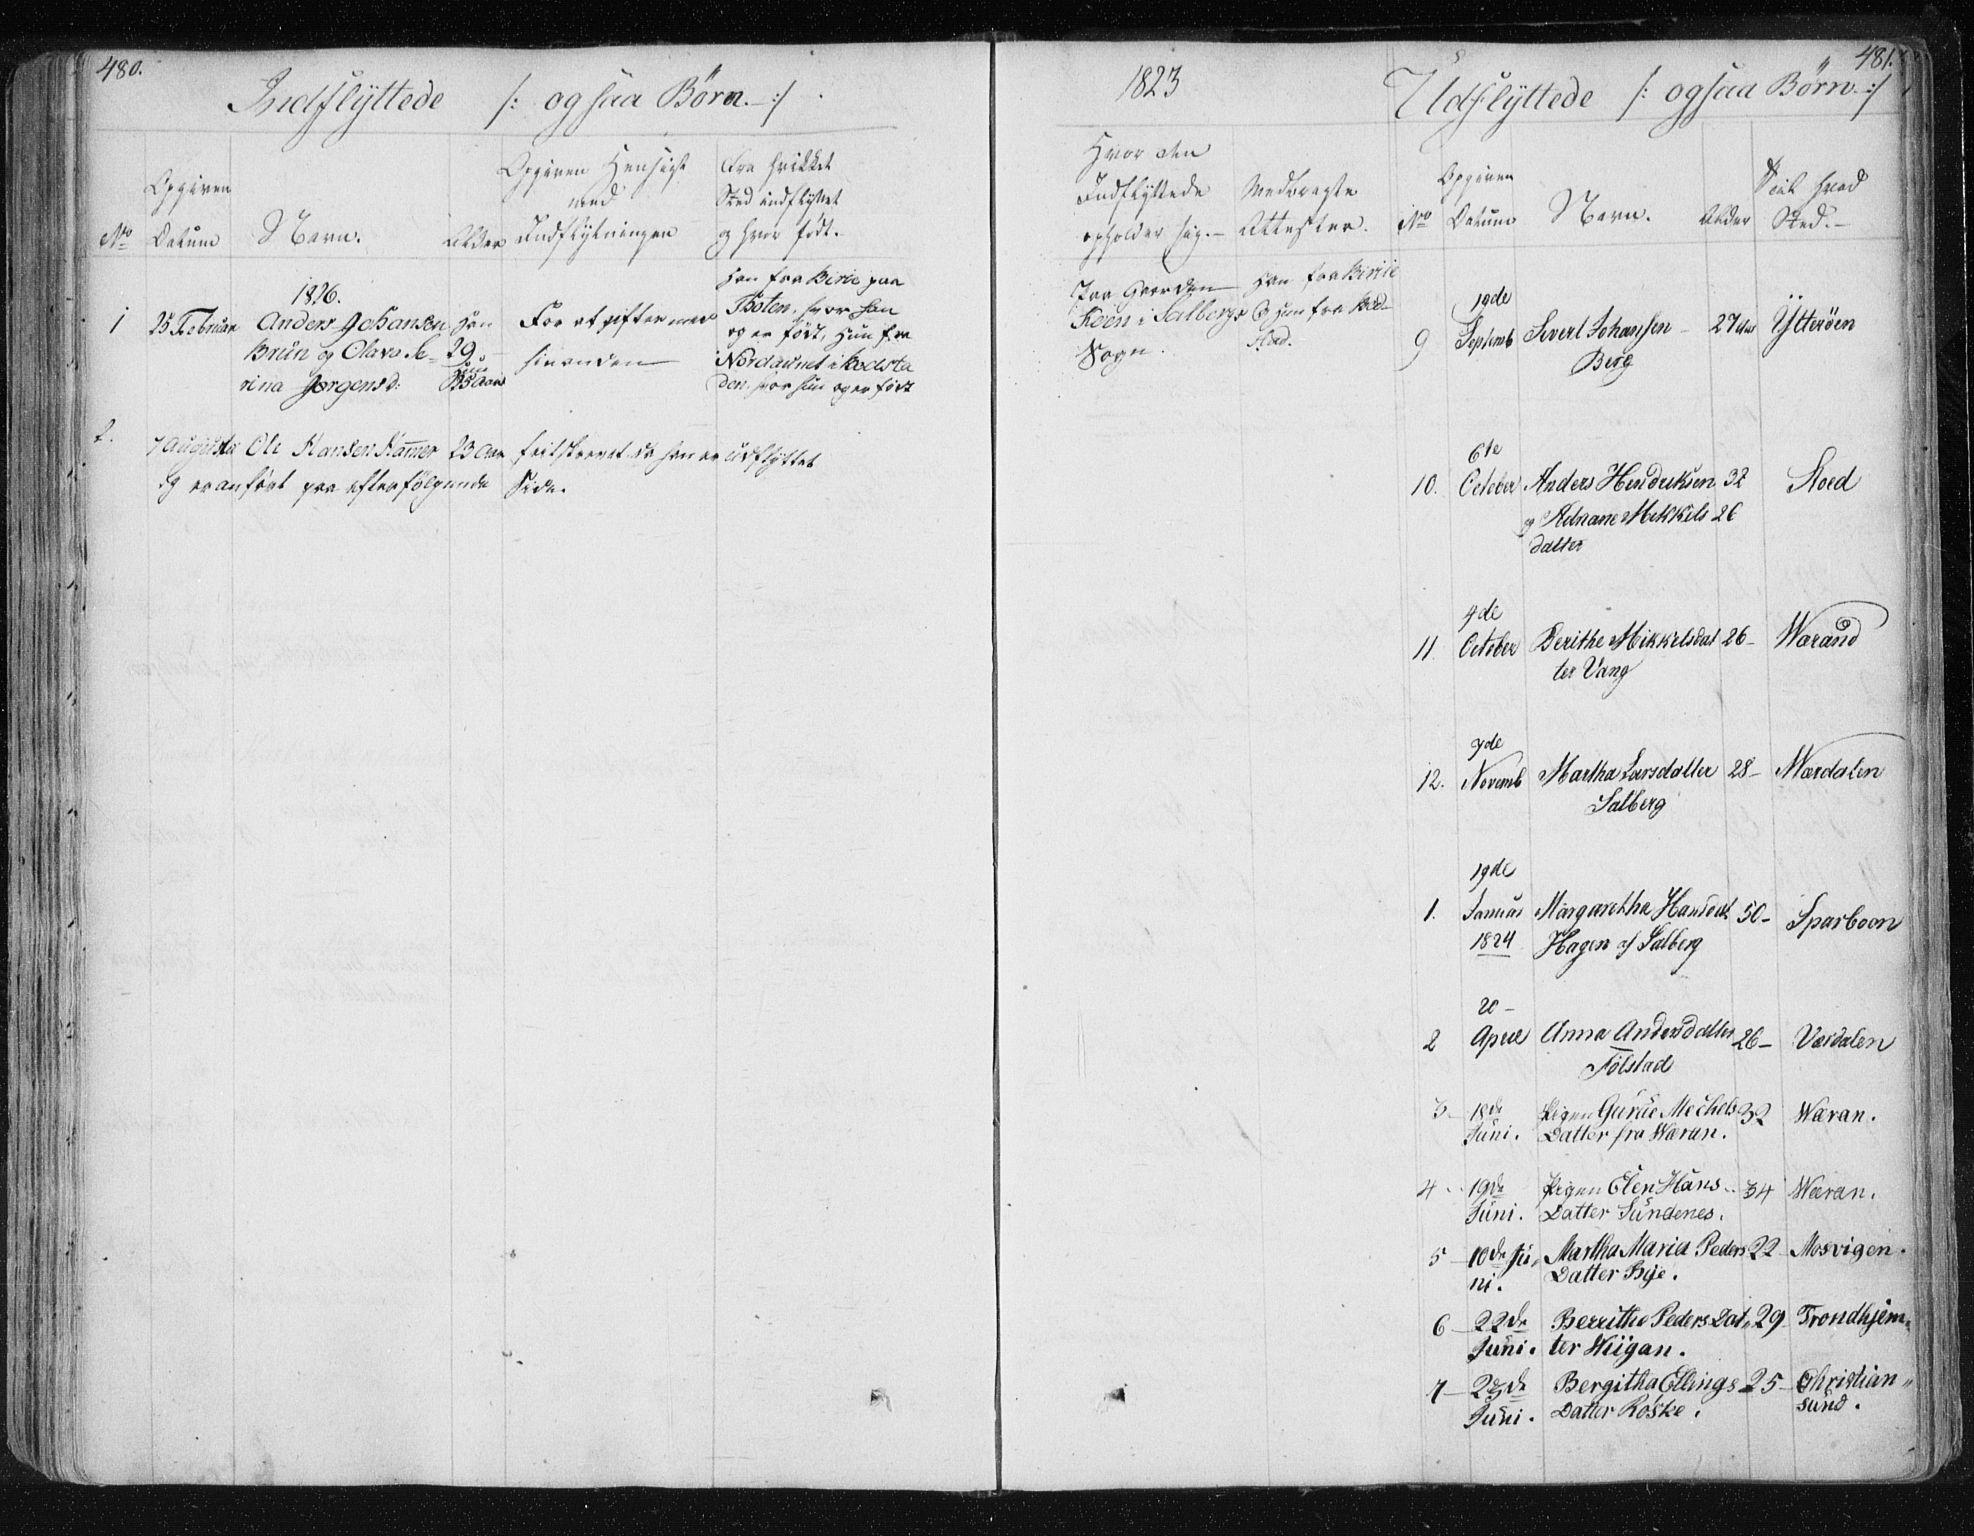 SAT, Ministerialprotokoller, klokkerbøker og fødselsregistre - Nord-Trøndelag, 730/L0276: Ministerialbok nr. 730A05, 1822-1830, s. 480-481